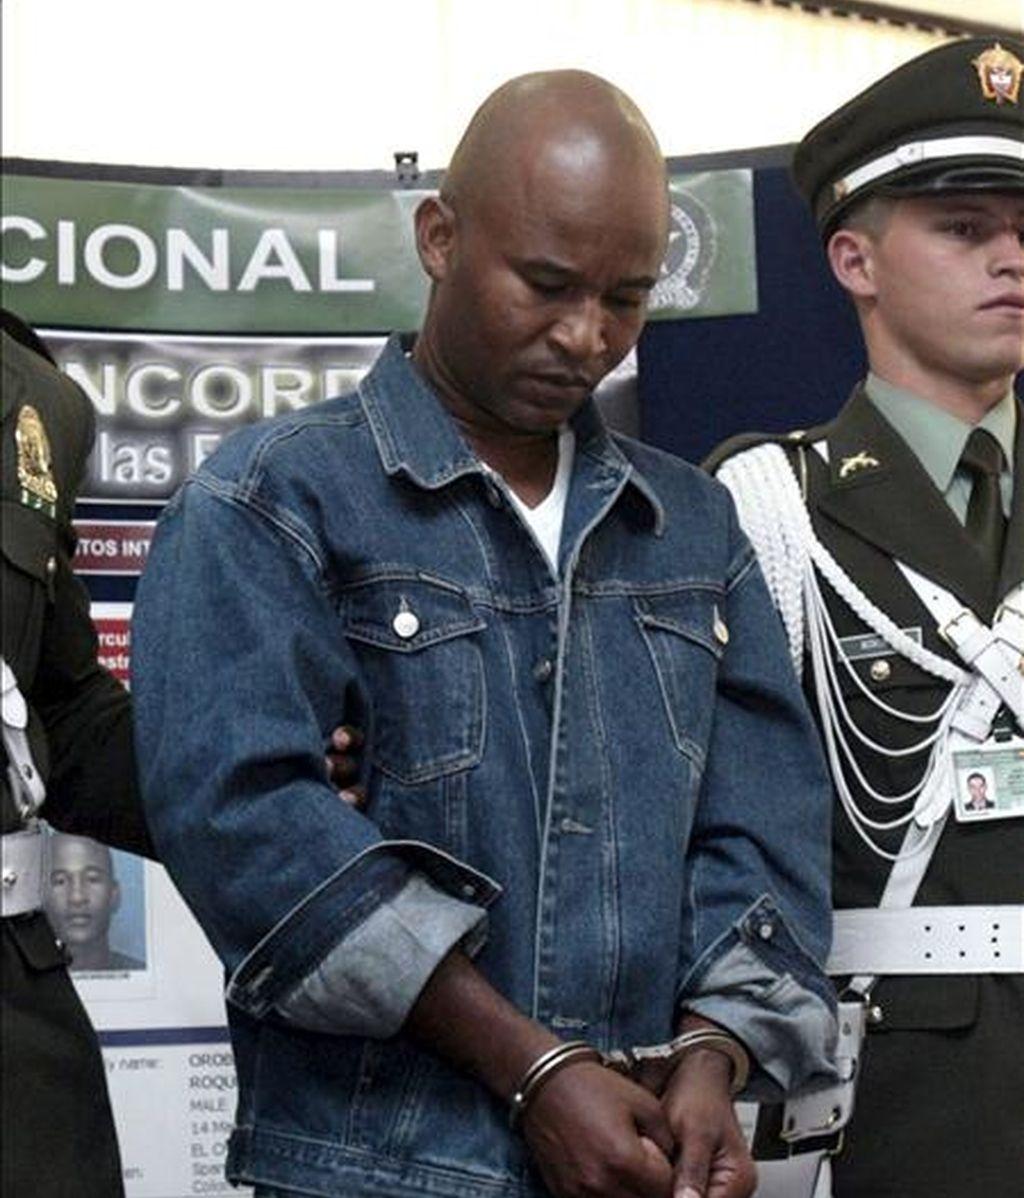 Foto de archivo de Luis Orobio Lobón, miembro de las Fuerzas Armadas Revolucionarias de Colombia (FARC), que fue extraditado a Estados Unidos, donde se le acusa de participar en el secuestro de un ciudadano estadounidense en Panamá. EFE/Archivo